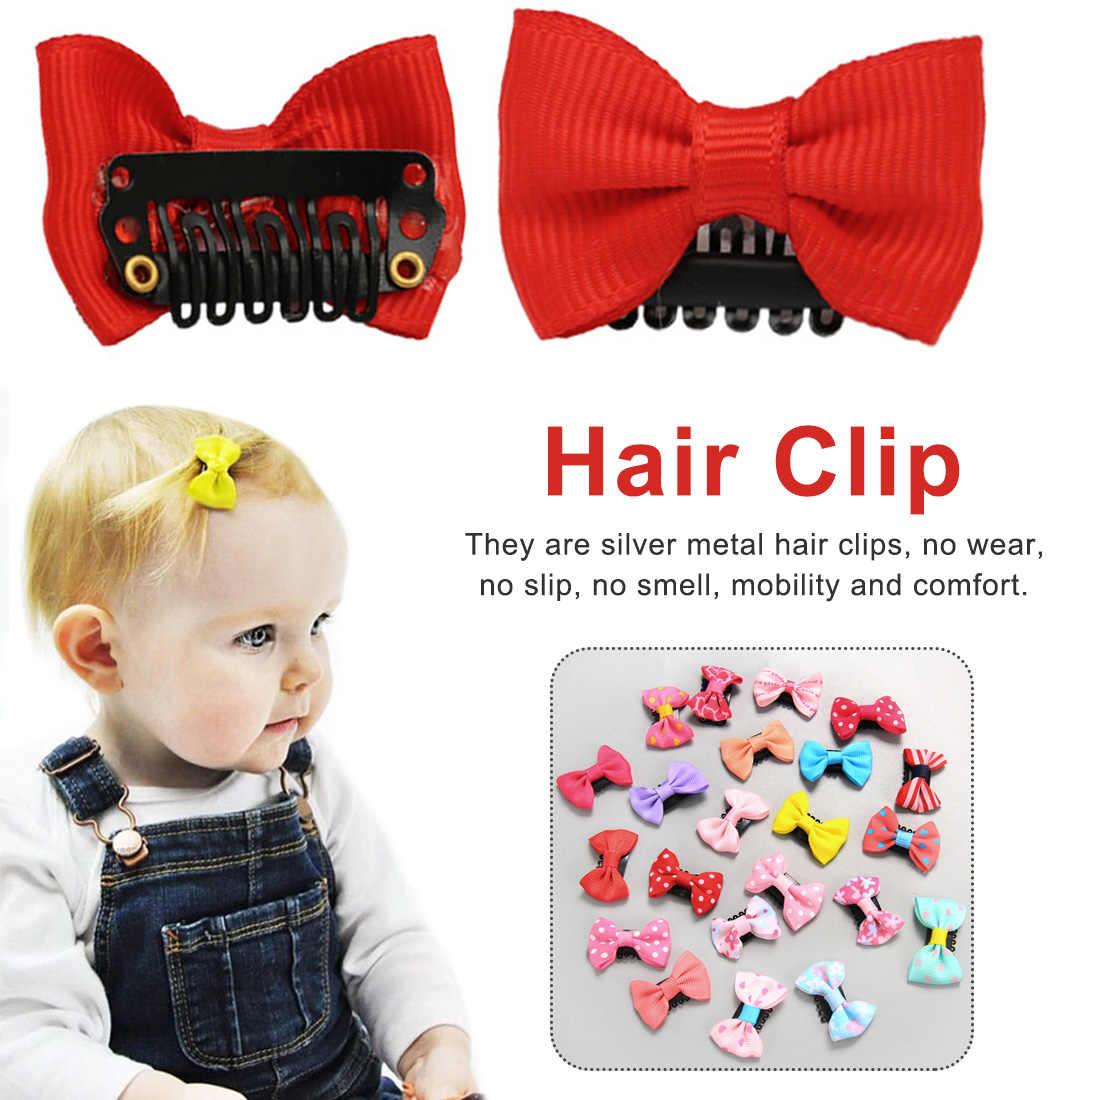 10 ピース/パック新生児ガール希少髪型弓のヘアアクセサリー子供ヘアクリップかわいい BB クリップ childrenmini ヘアクリップ